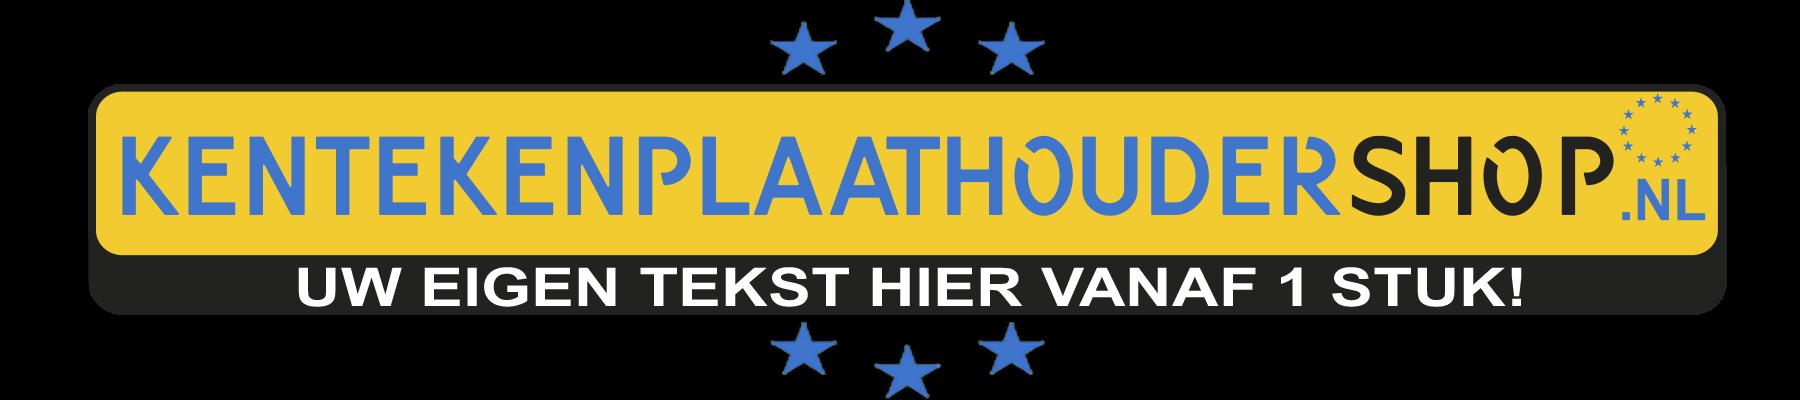 Kentekenplaathoudershop.nl